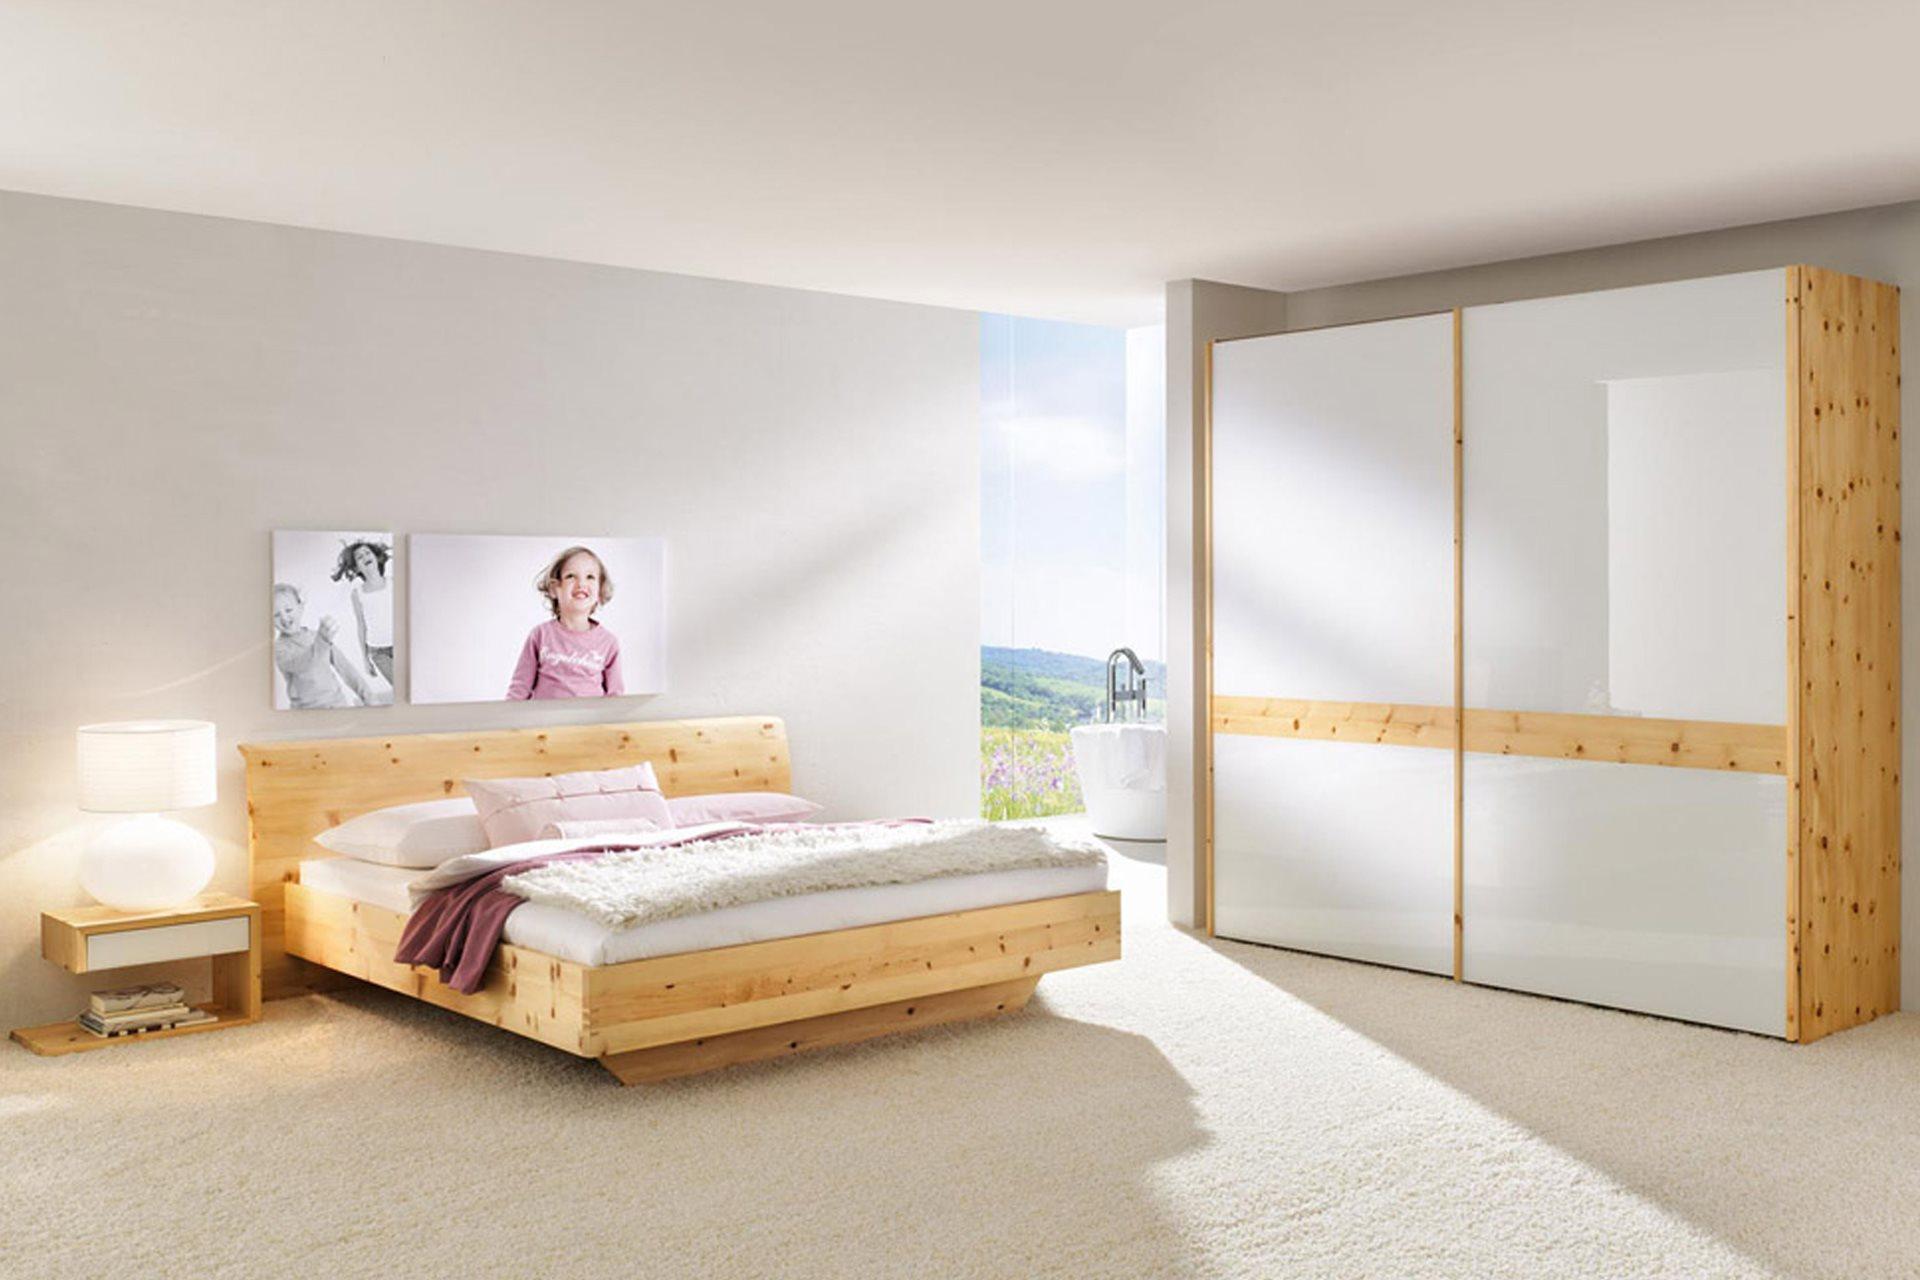 zirbenzimmer rio mit kleiderschrank wohnopposition berlin. Black Bedroom Furniture Sets. Home Design Ideas